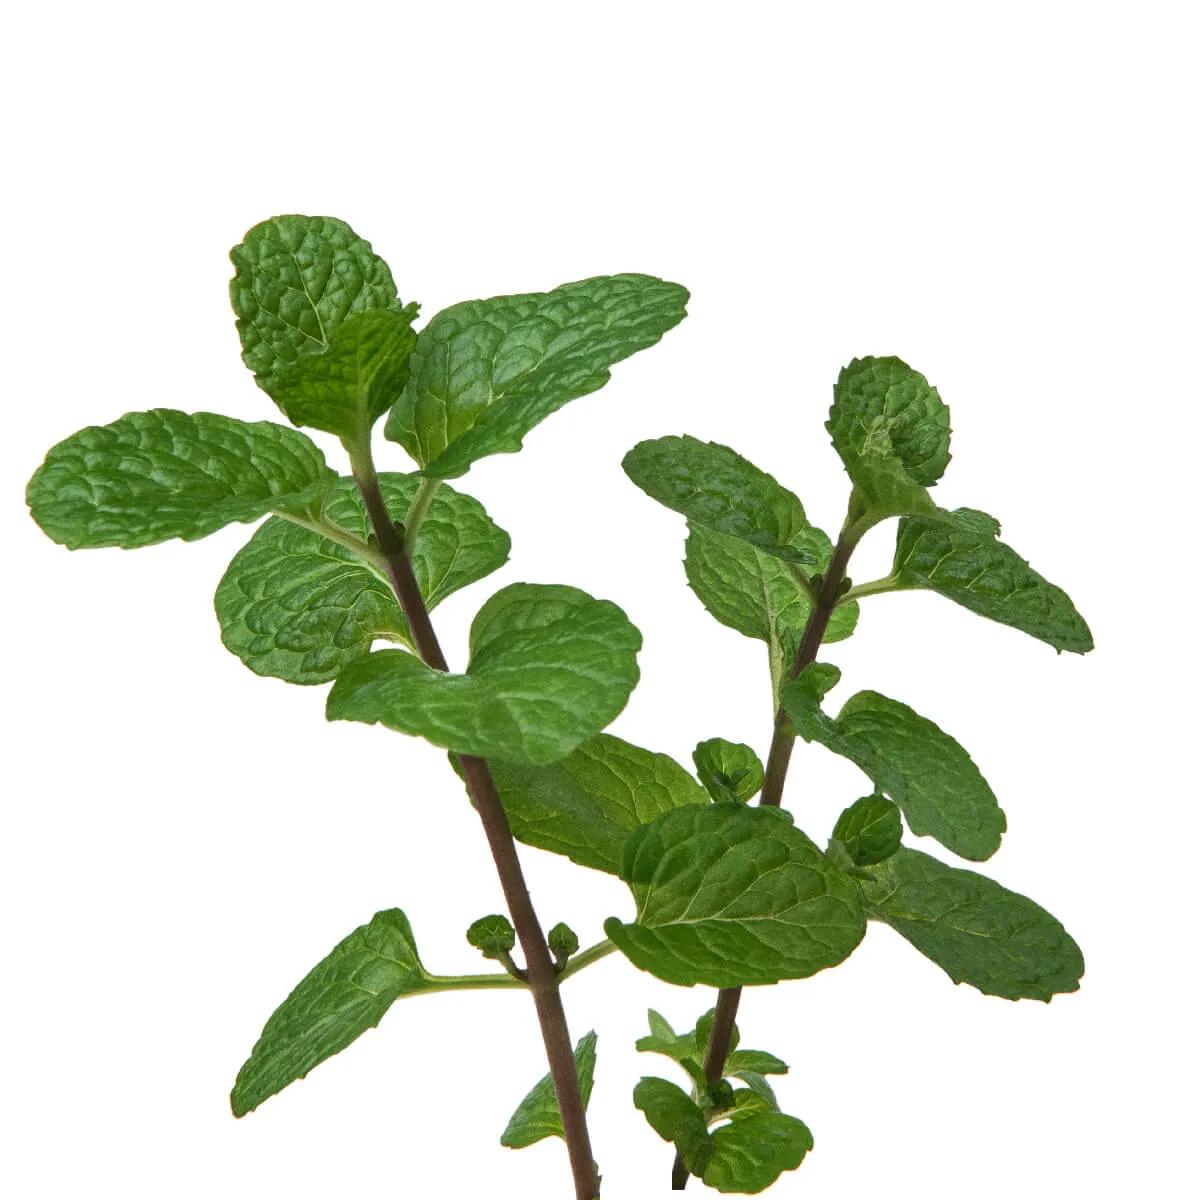 Sementes para plantar Hortelã em vasos autoirrigáveis RAIZ  - Vasos Raiz Loja Oficial